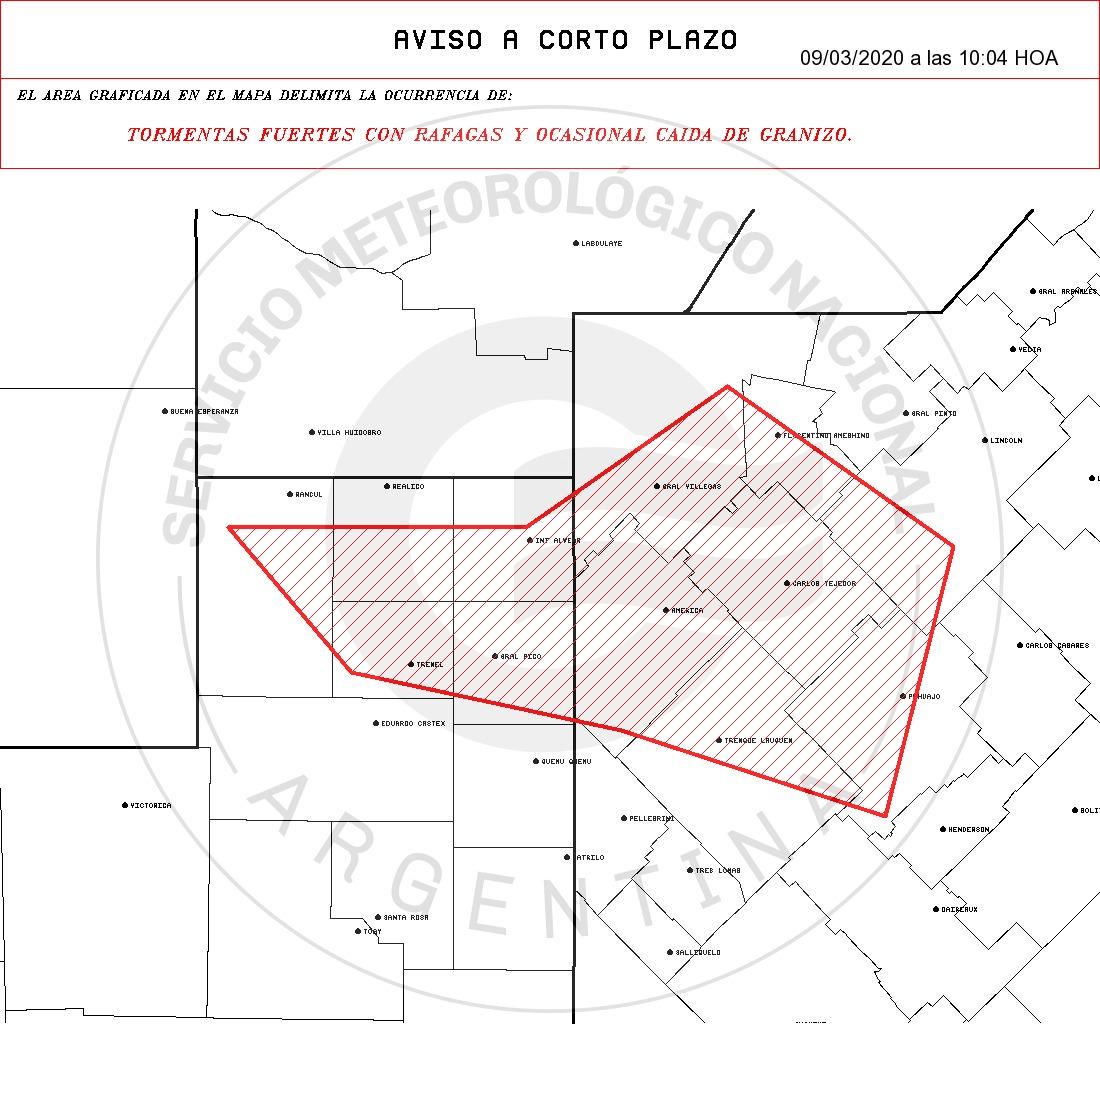 Alerta a corto plazo por «tormentas fuertes y ocasional caída de granizo» para General Pico y alrededores